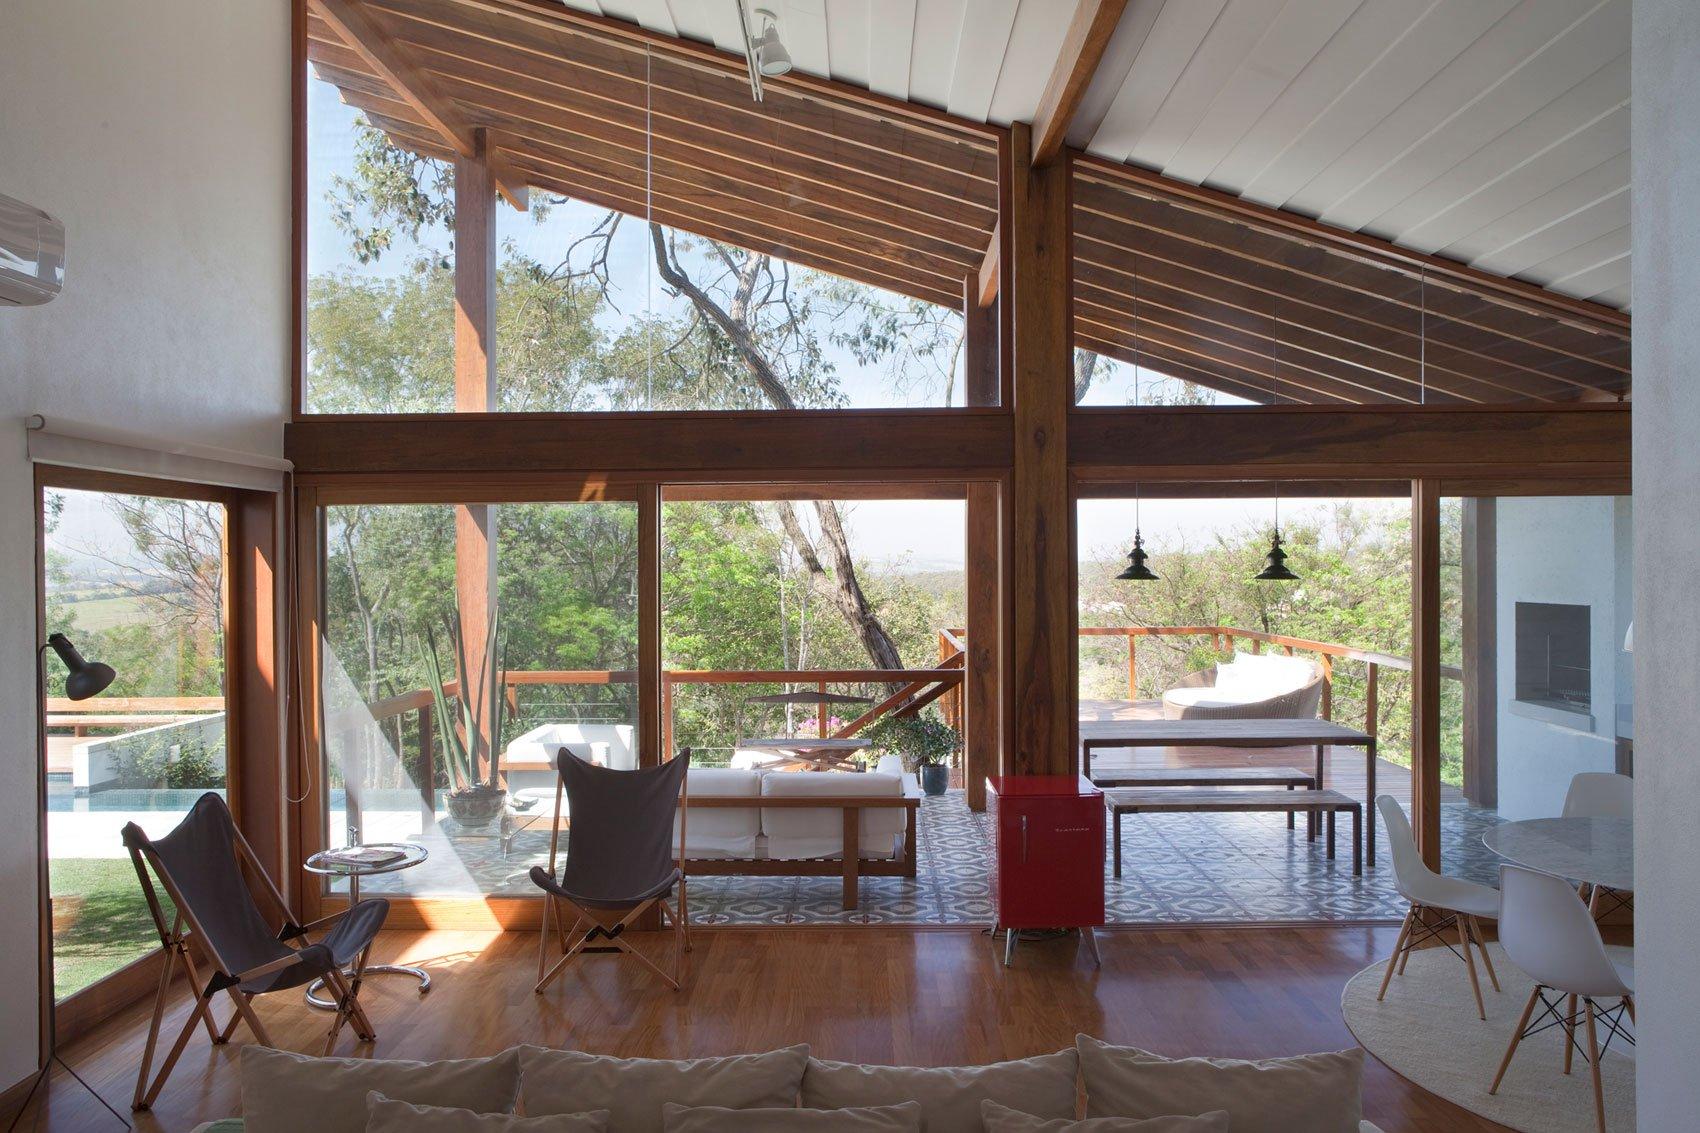 Casa de campo de madera y hormig n de 280 metros cuadrados - Diseno techos exteriores ...